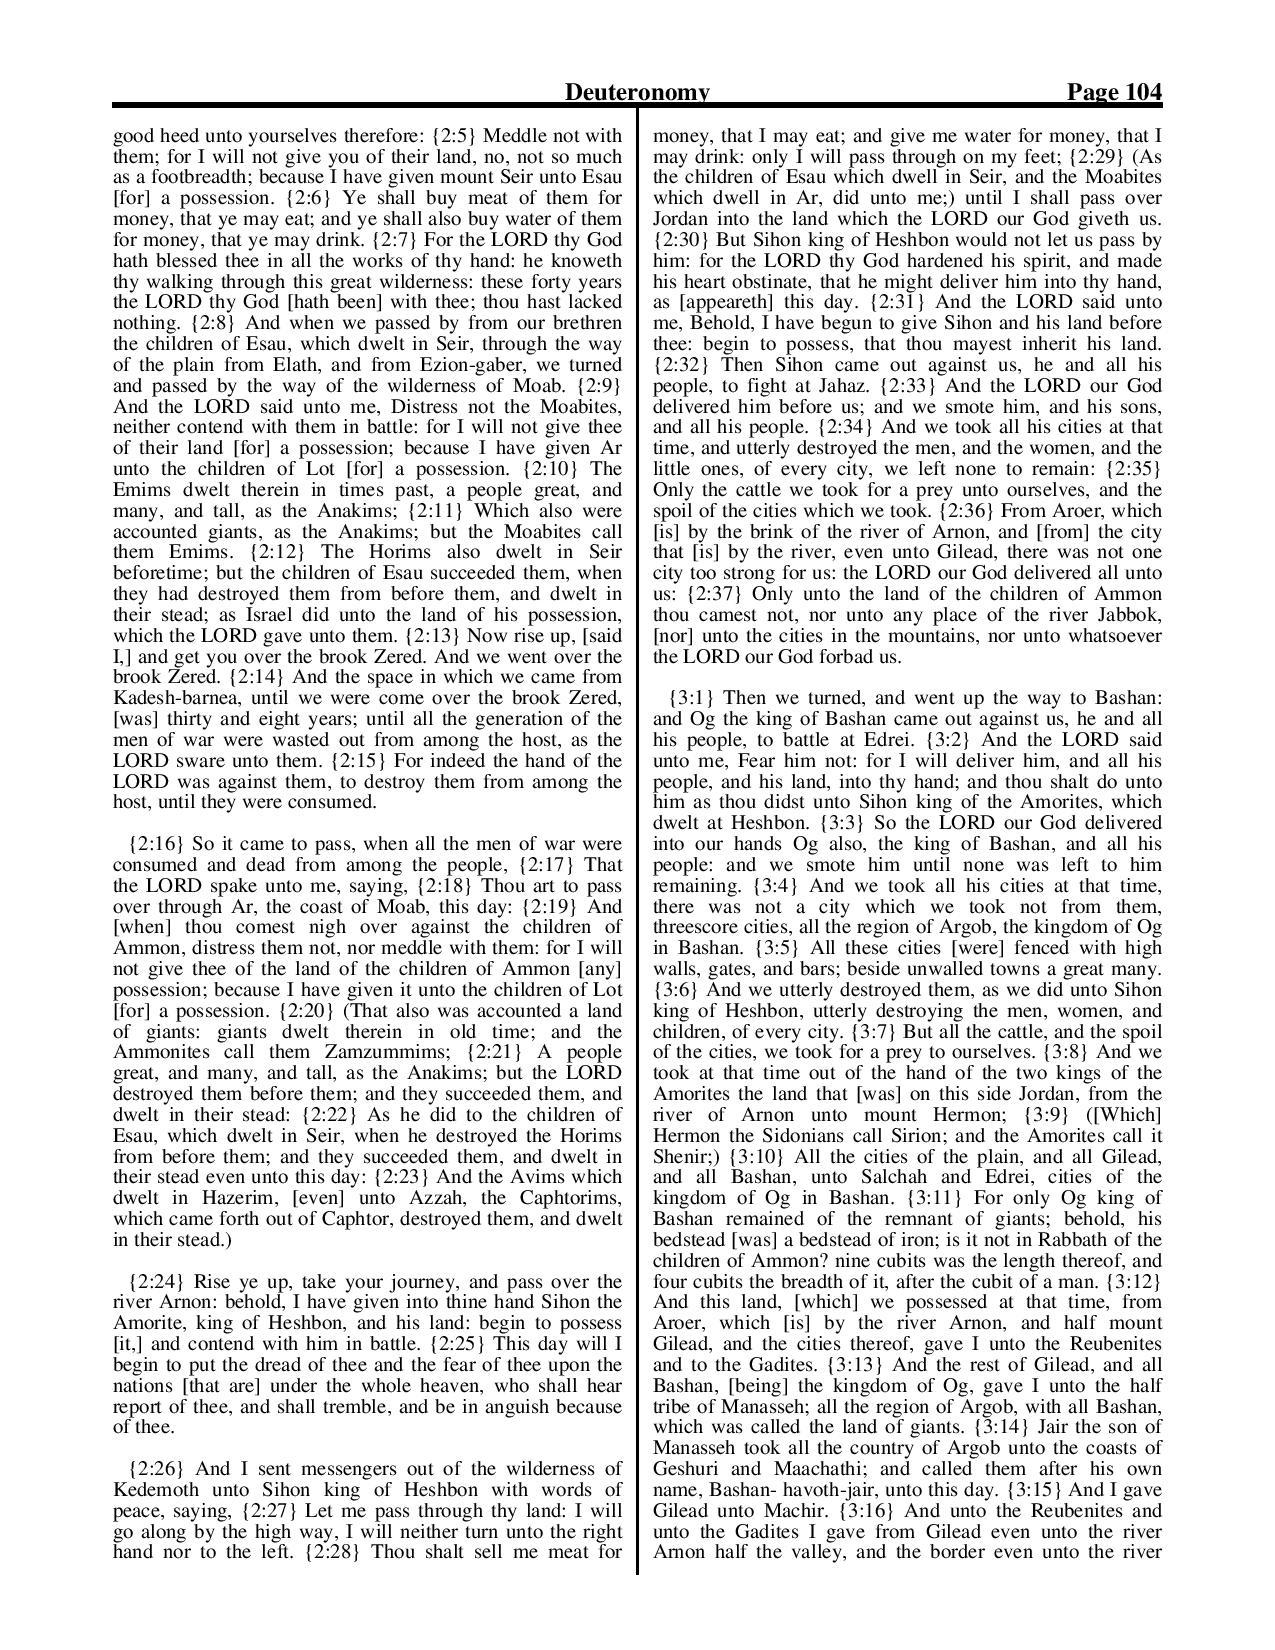 King-James-Bible-KJV-Bible-PDF-page-125